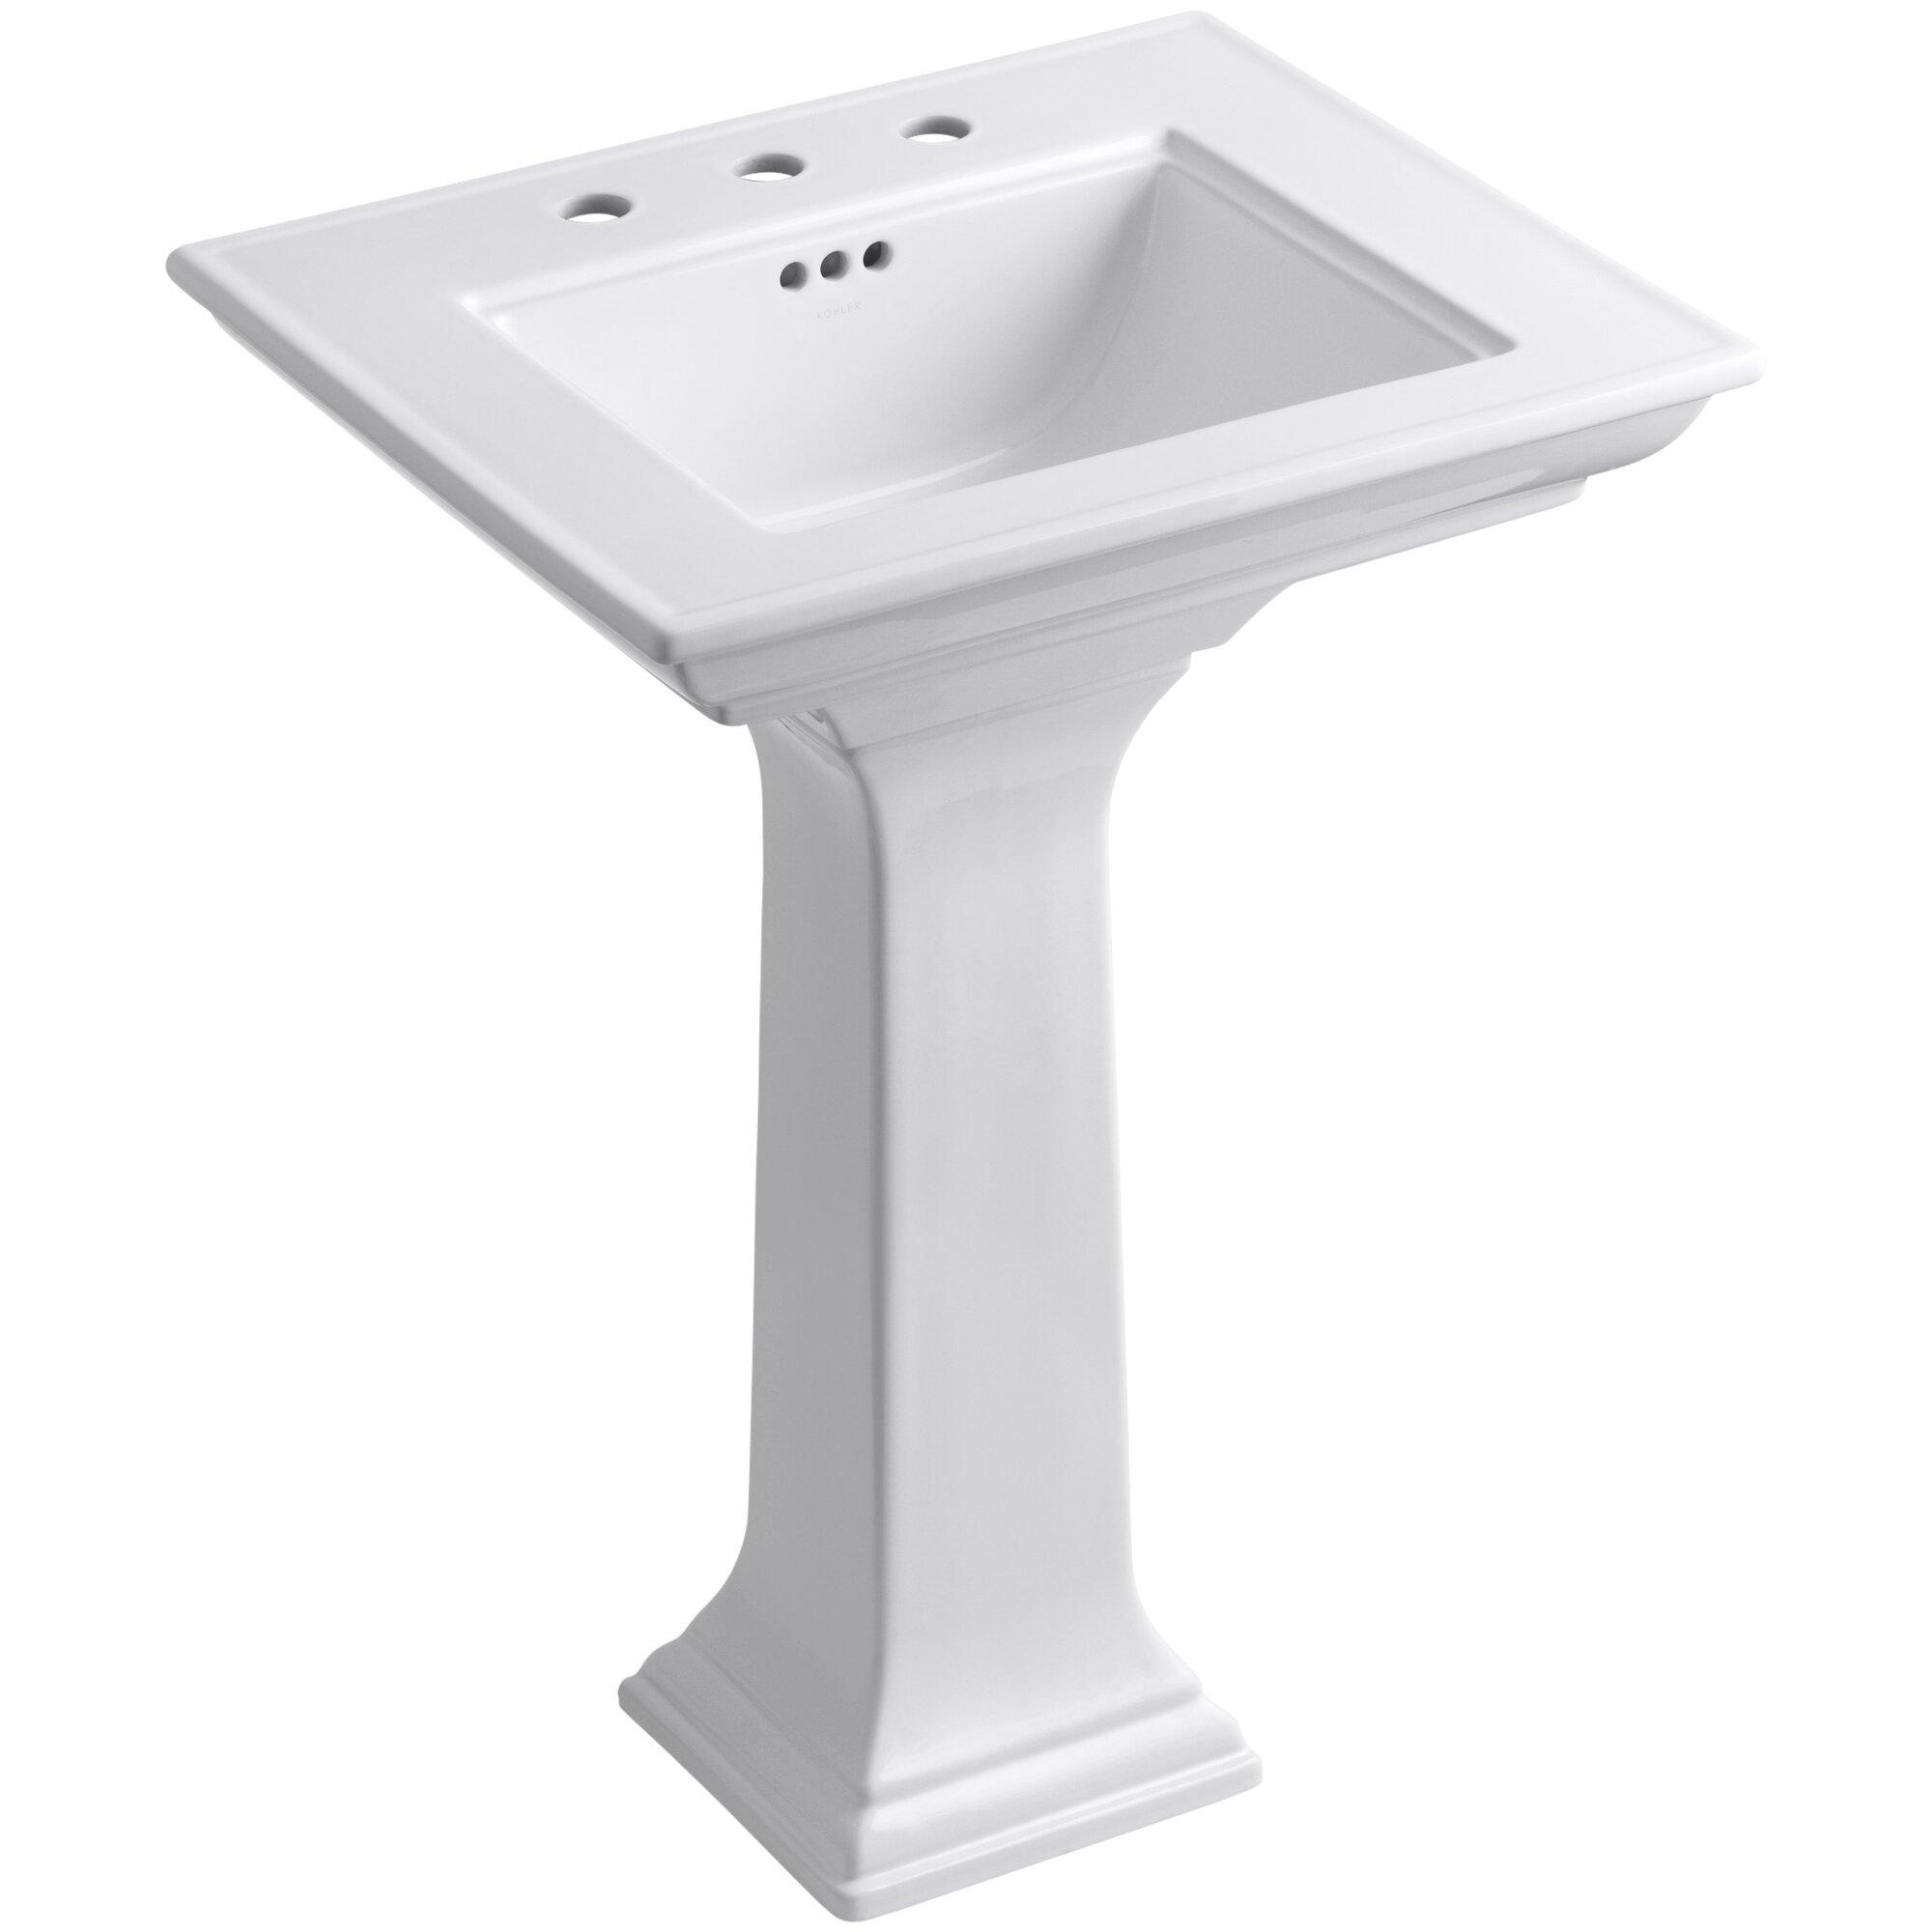 Bathroom sink dimensions mm - Memoirs 24 5 Pedestal Bathroom Sink